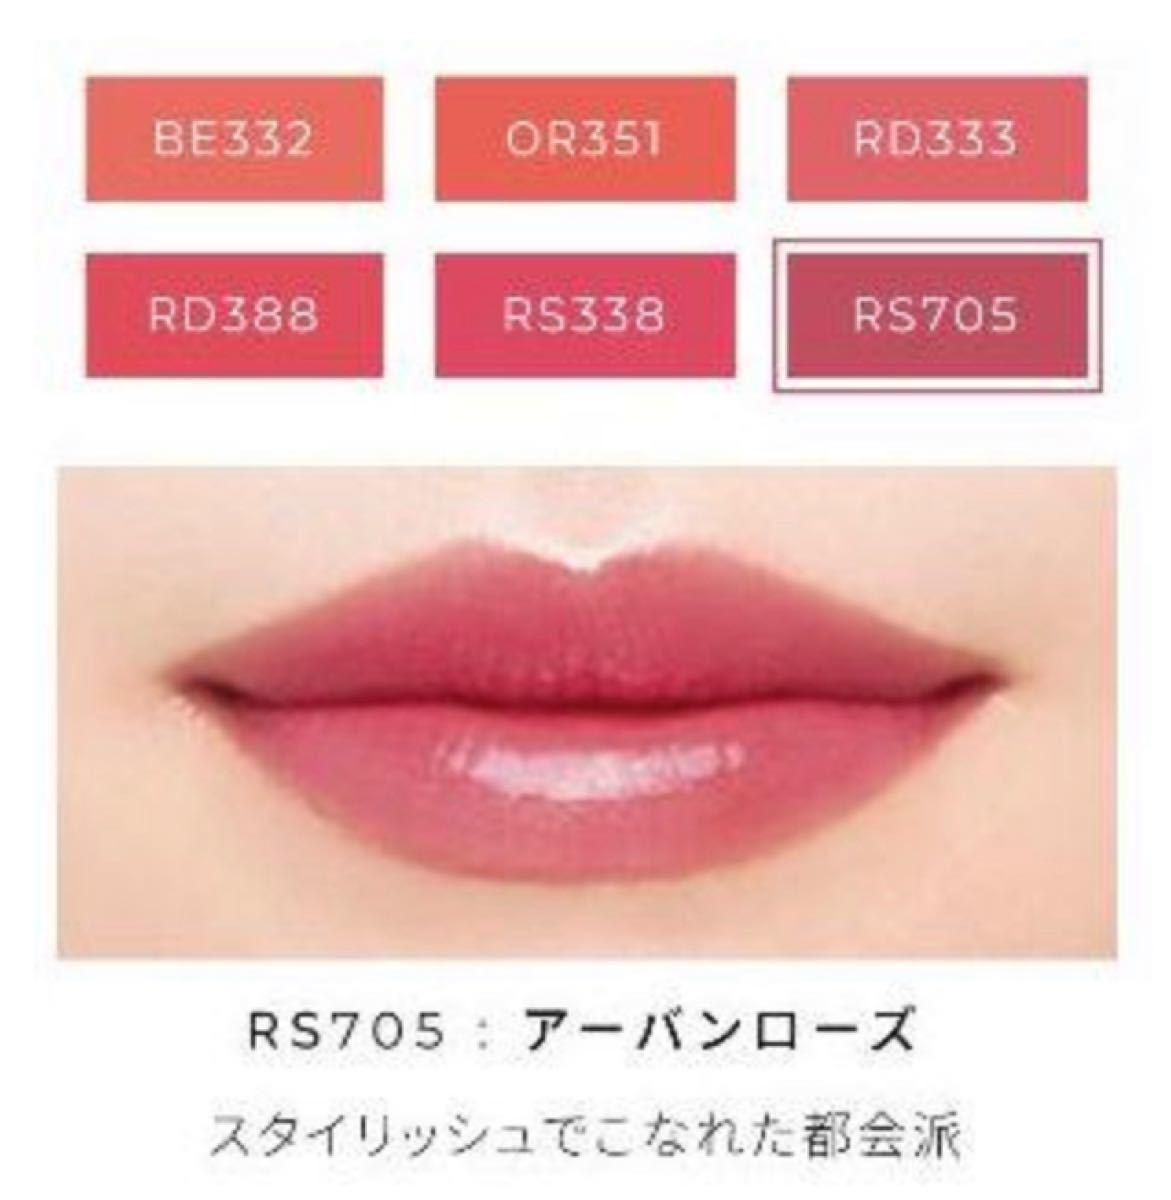 マキアージュ ウオータリールージュ 口紅 RS705 アーバンローズ 6g 新品未使用